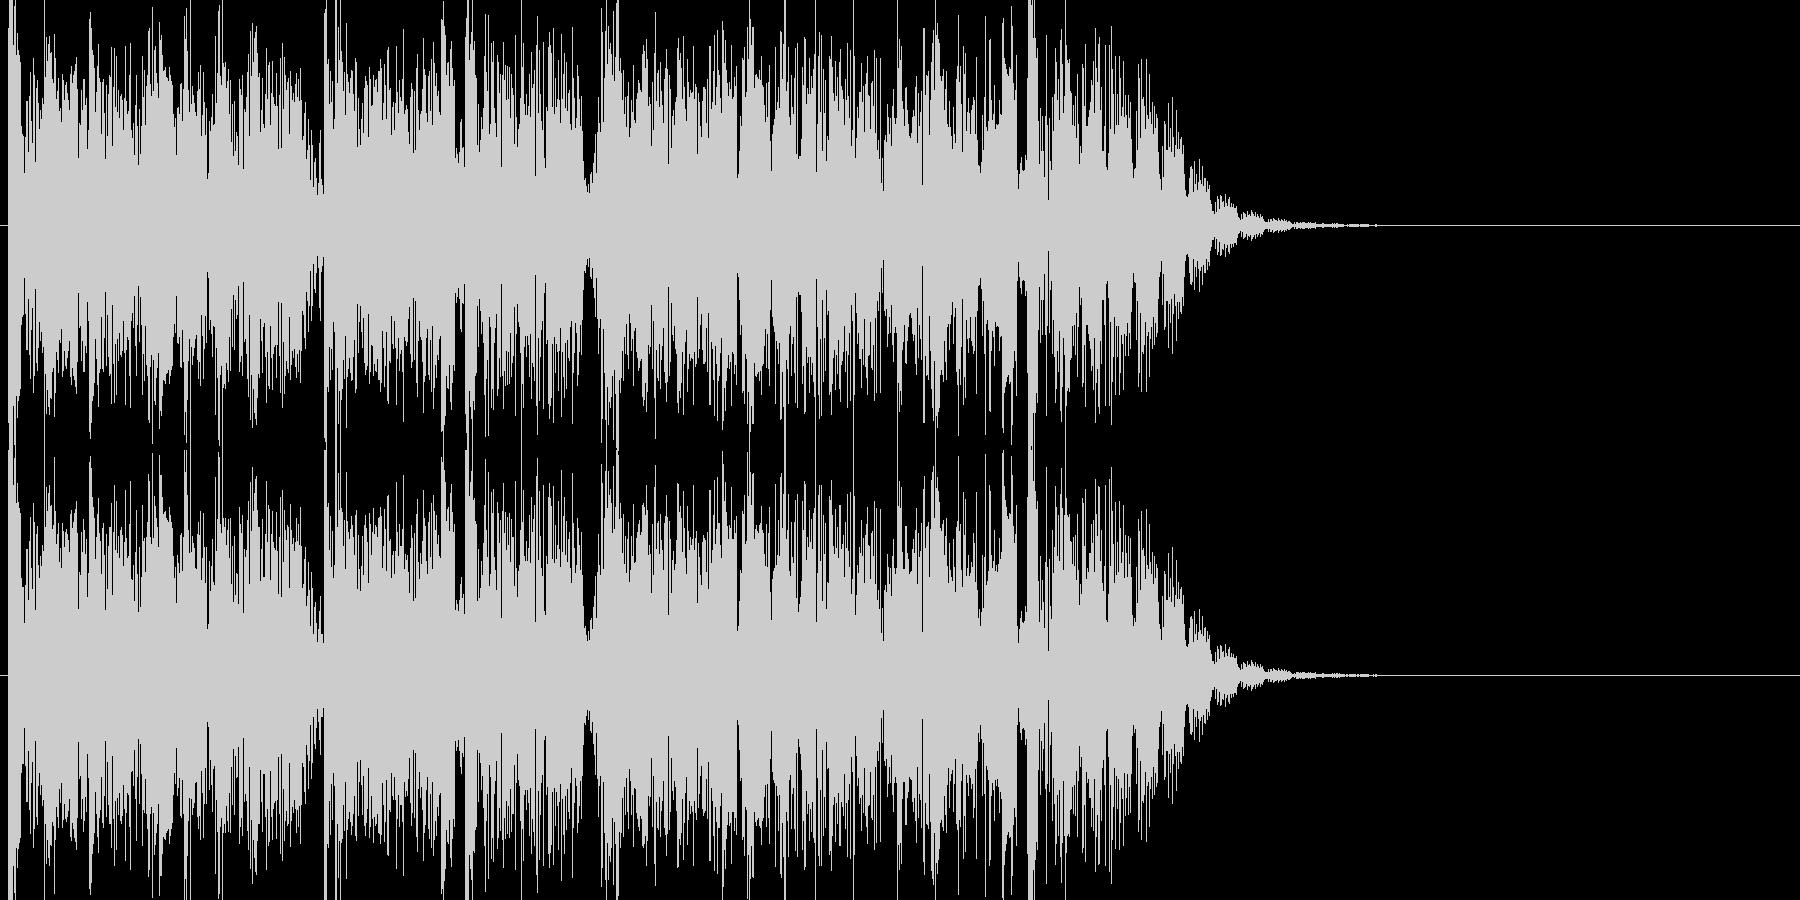 無機質で残響音が多彩で印象的な15秒の曲の未再生の波形